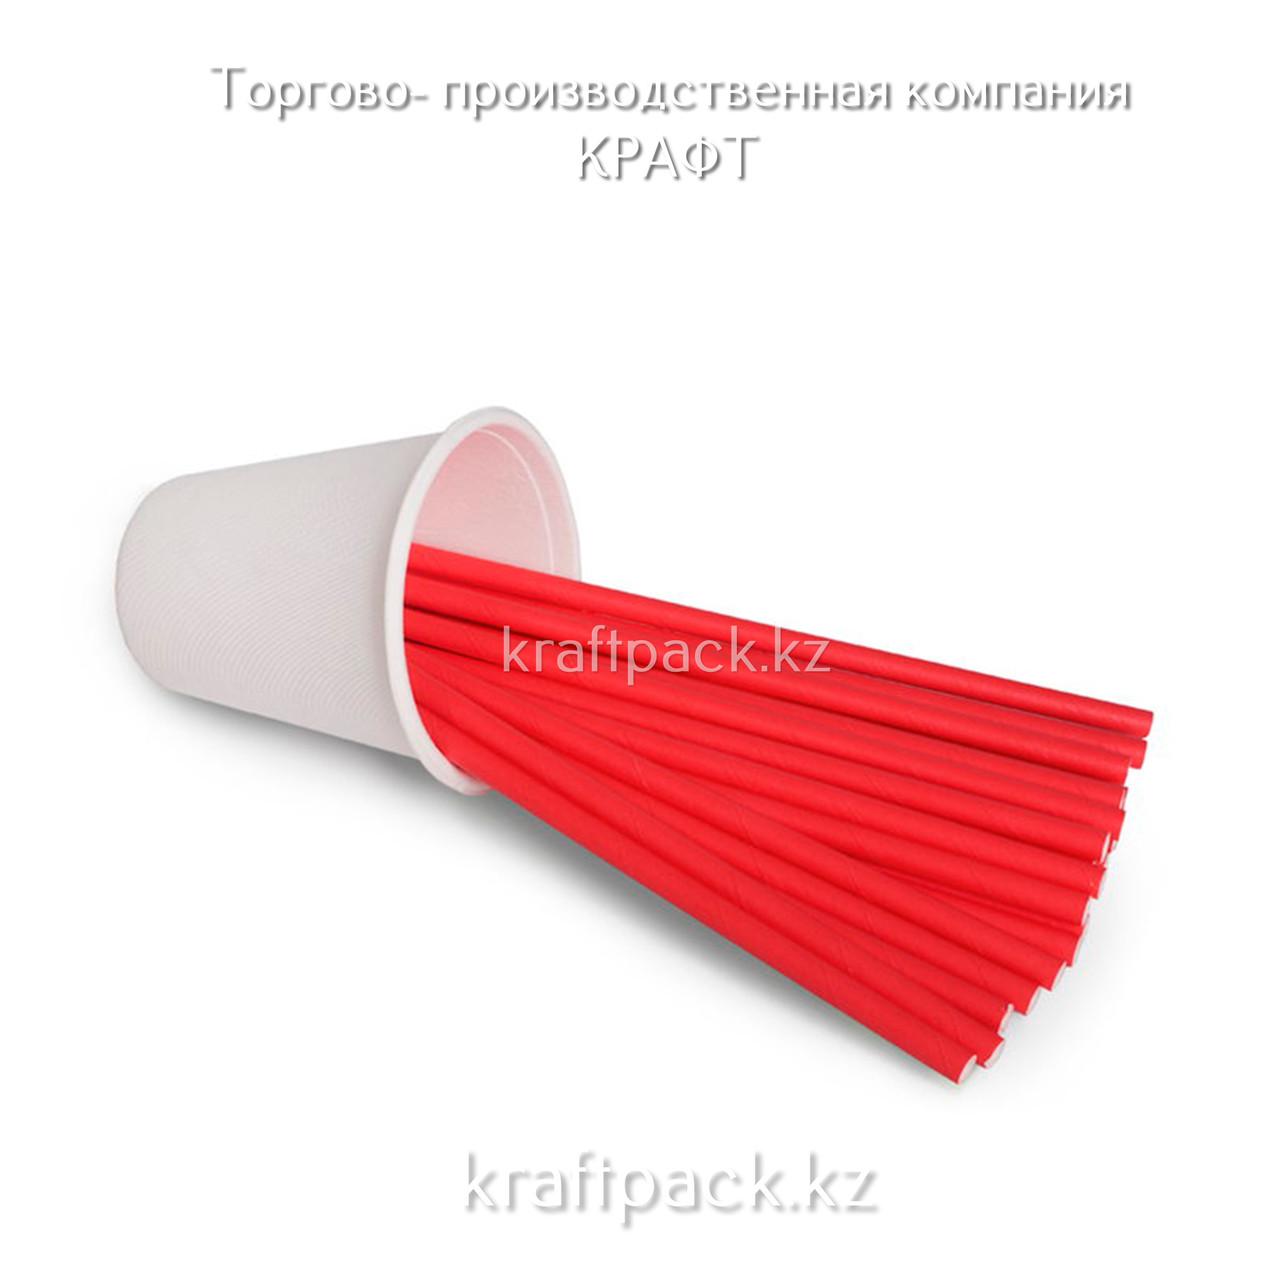 Трубочки бумажные КРАСНЫЕ 6*200мм (250/5000)